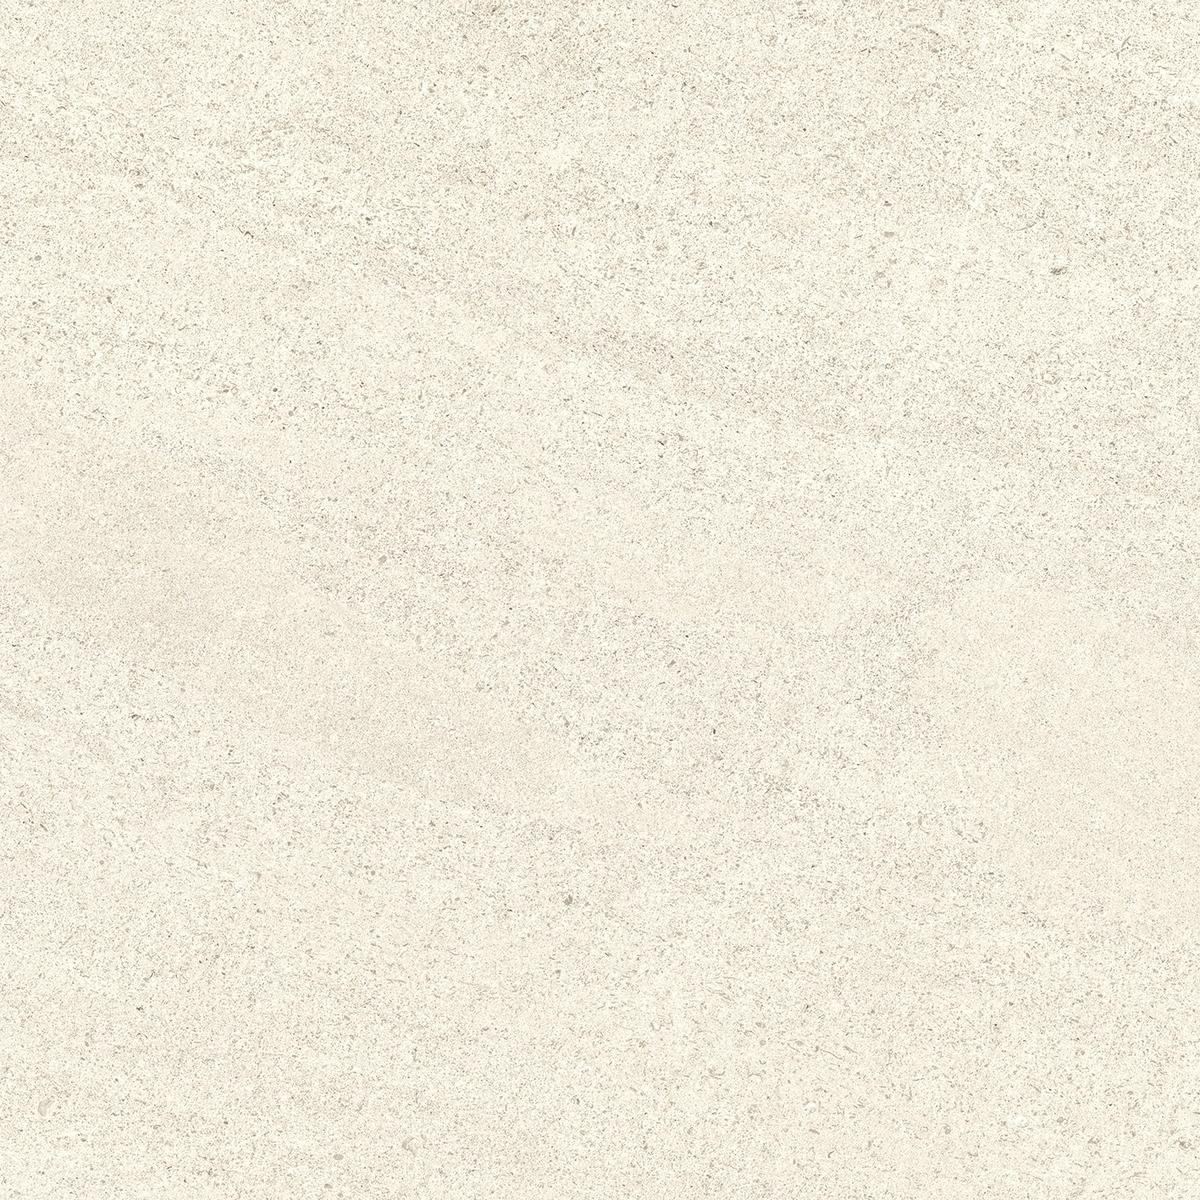 Gres Porcellanato Smaltato Caratteristiche gres porcellanato yosemite blustyle 90x90 cm, effetto pietra